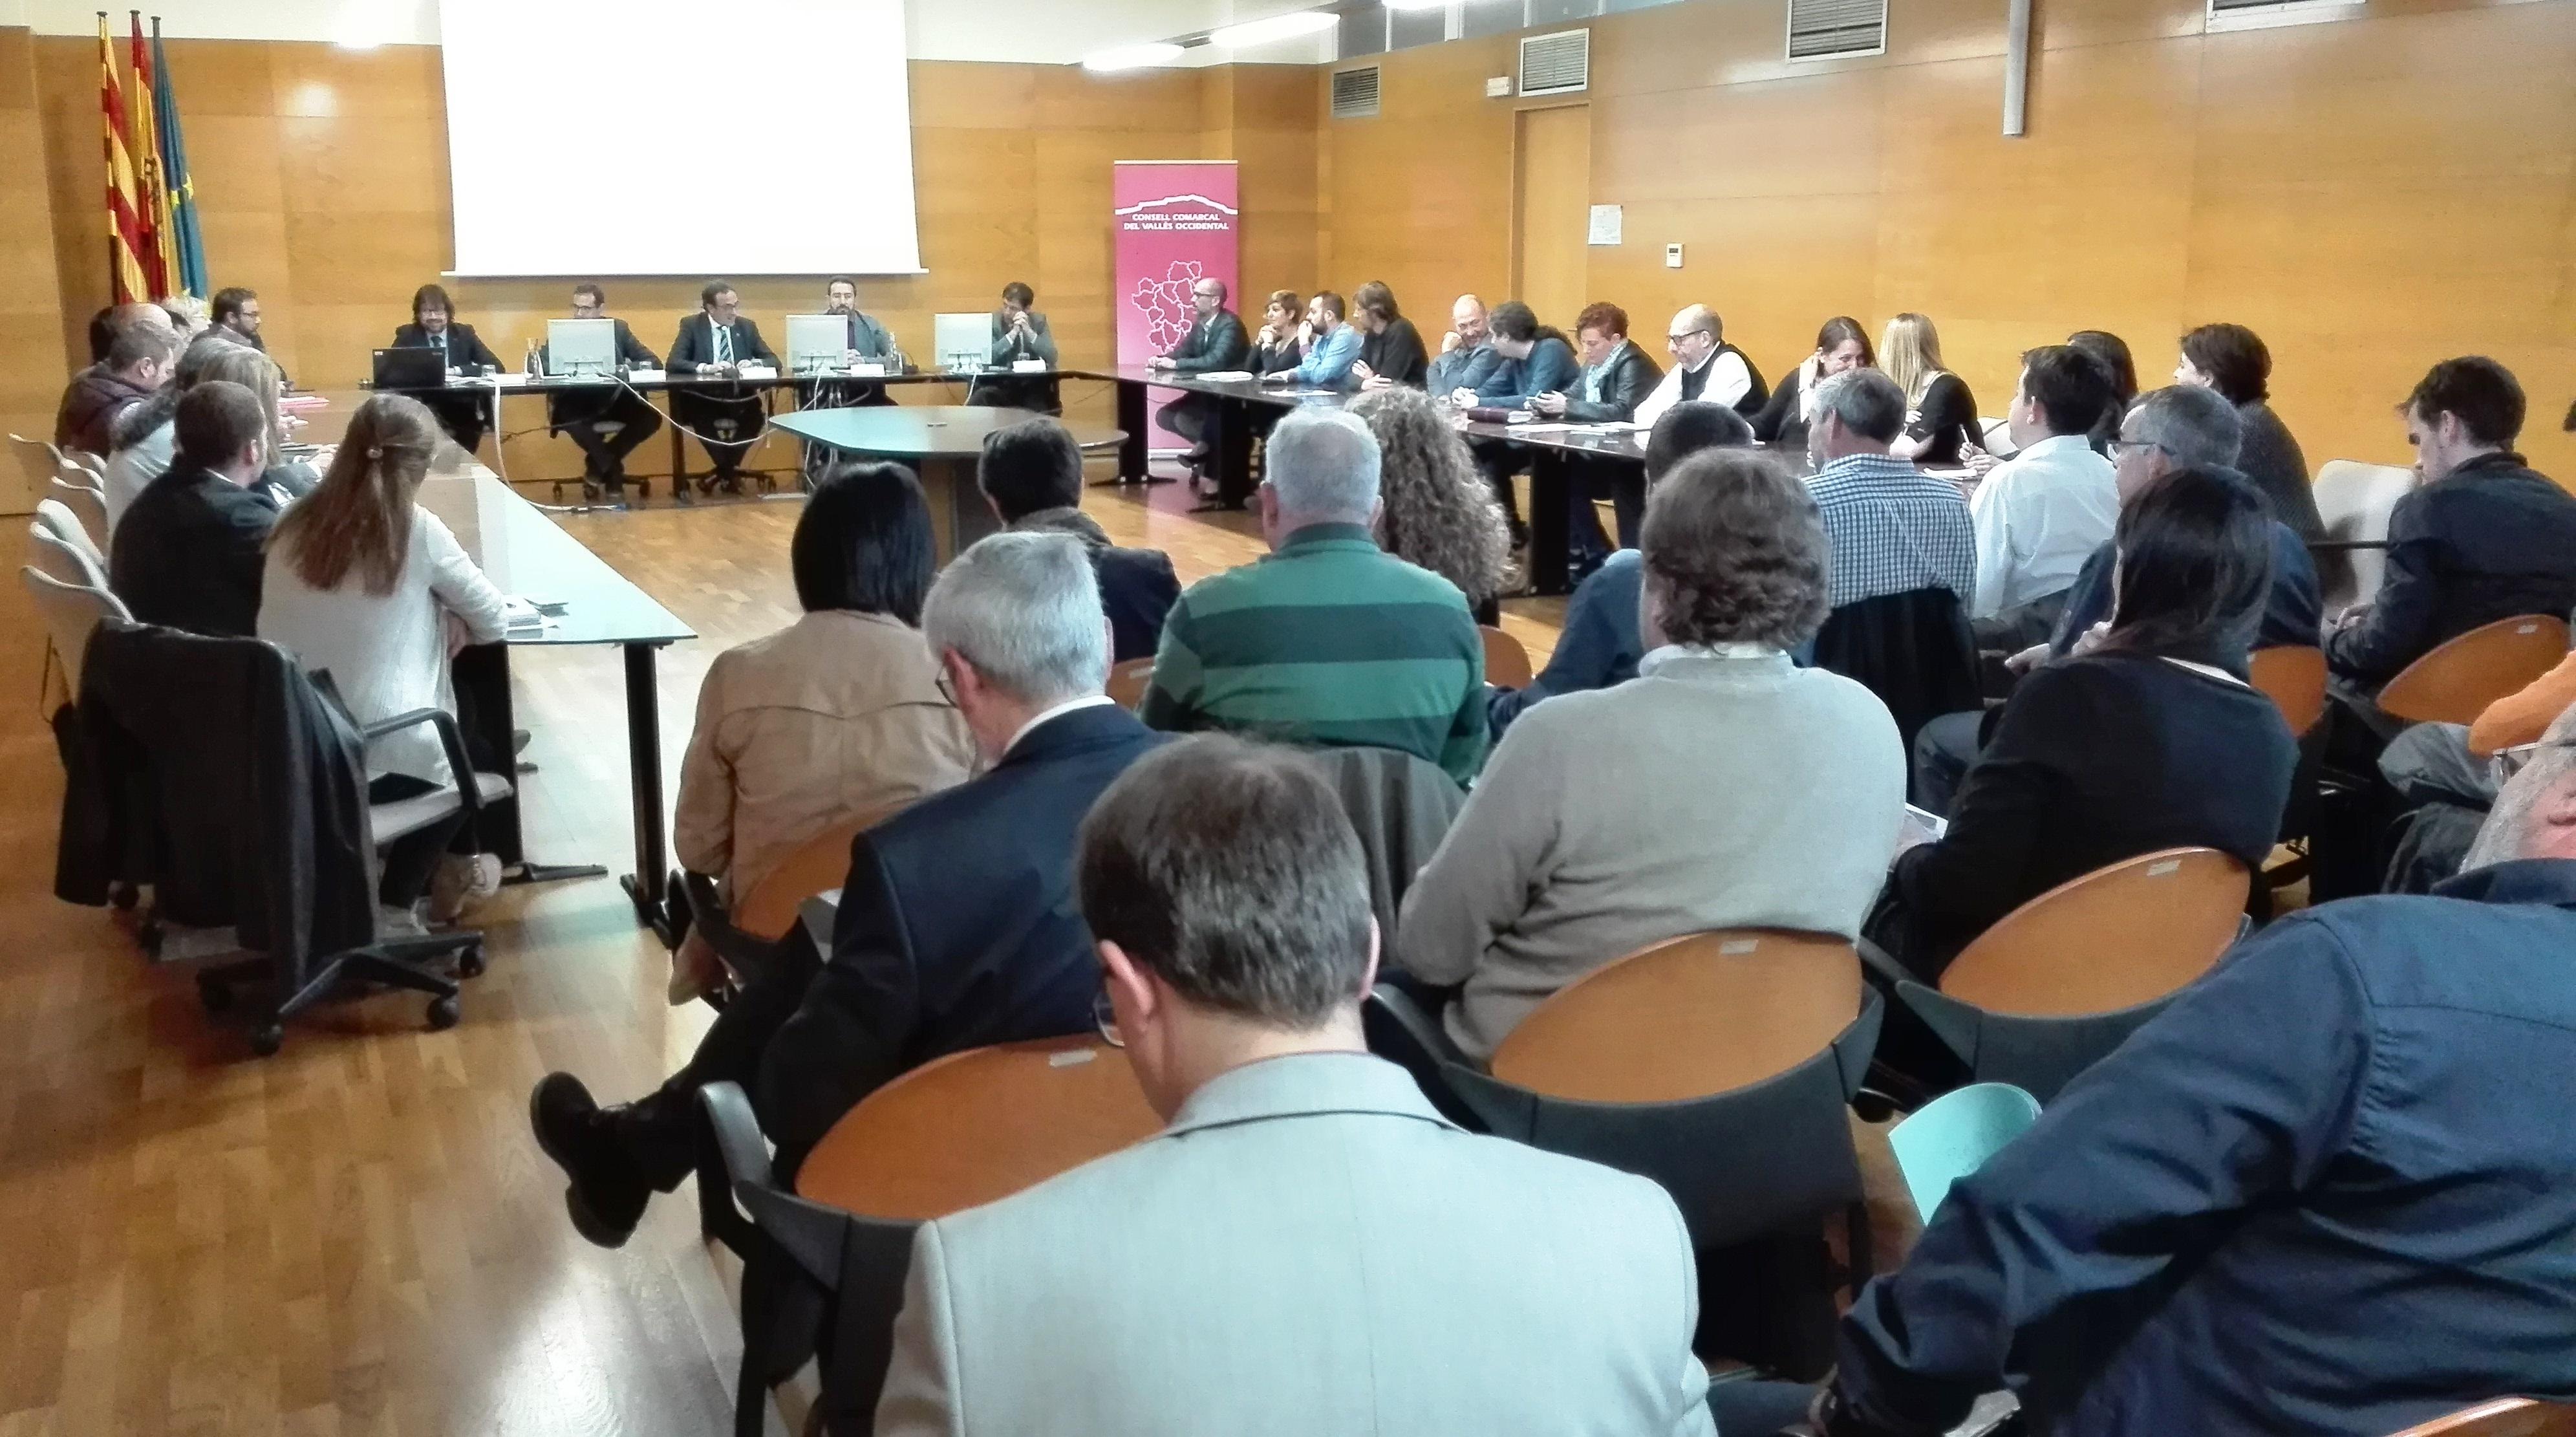 Un moment de la reunió celebrada ahir a la seu del Consell Comarcal del Vallès Occidental